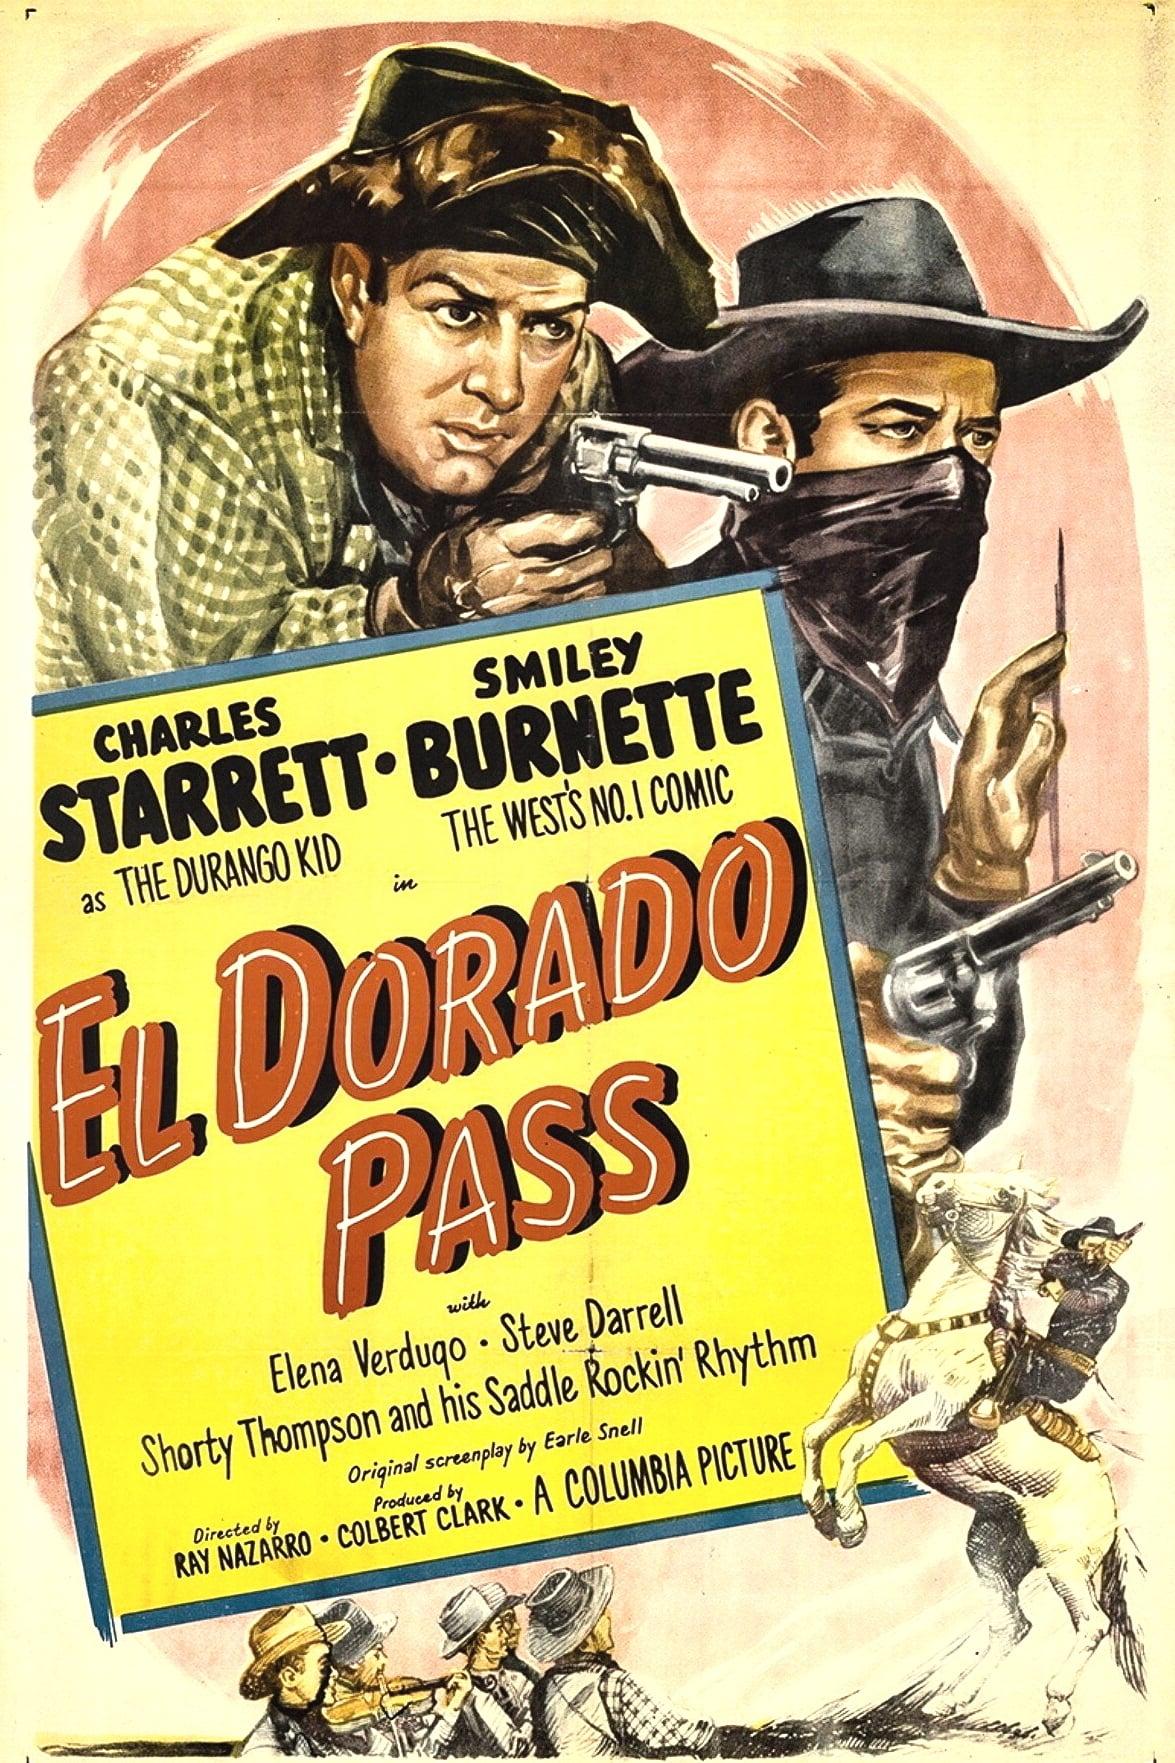 El Dorado Pass